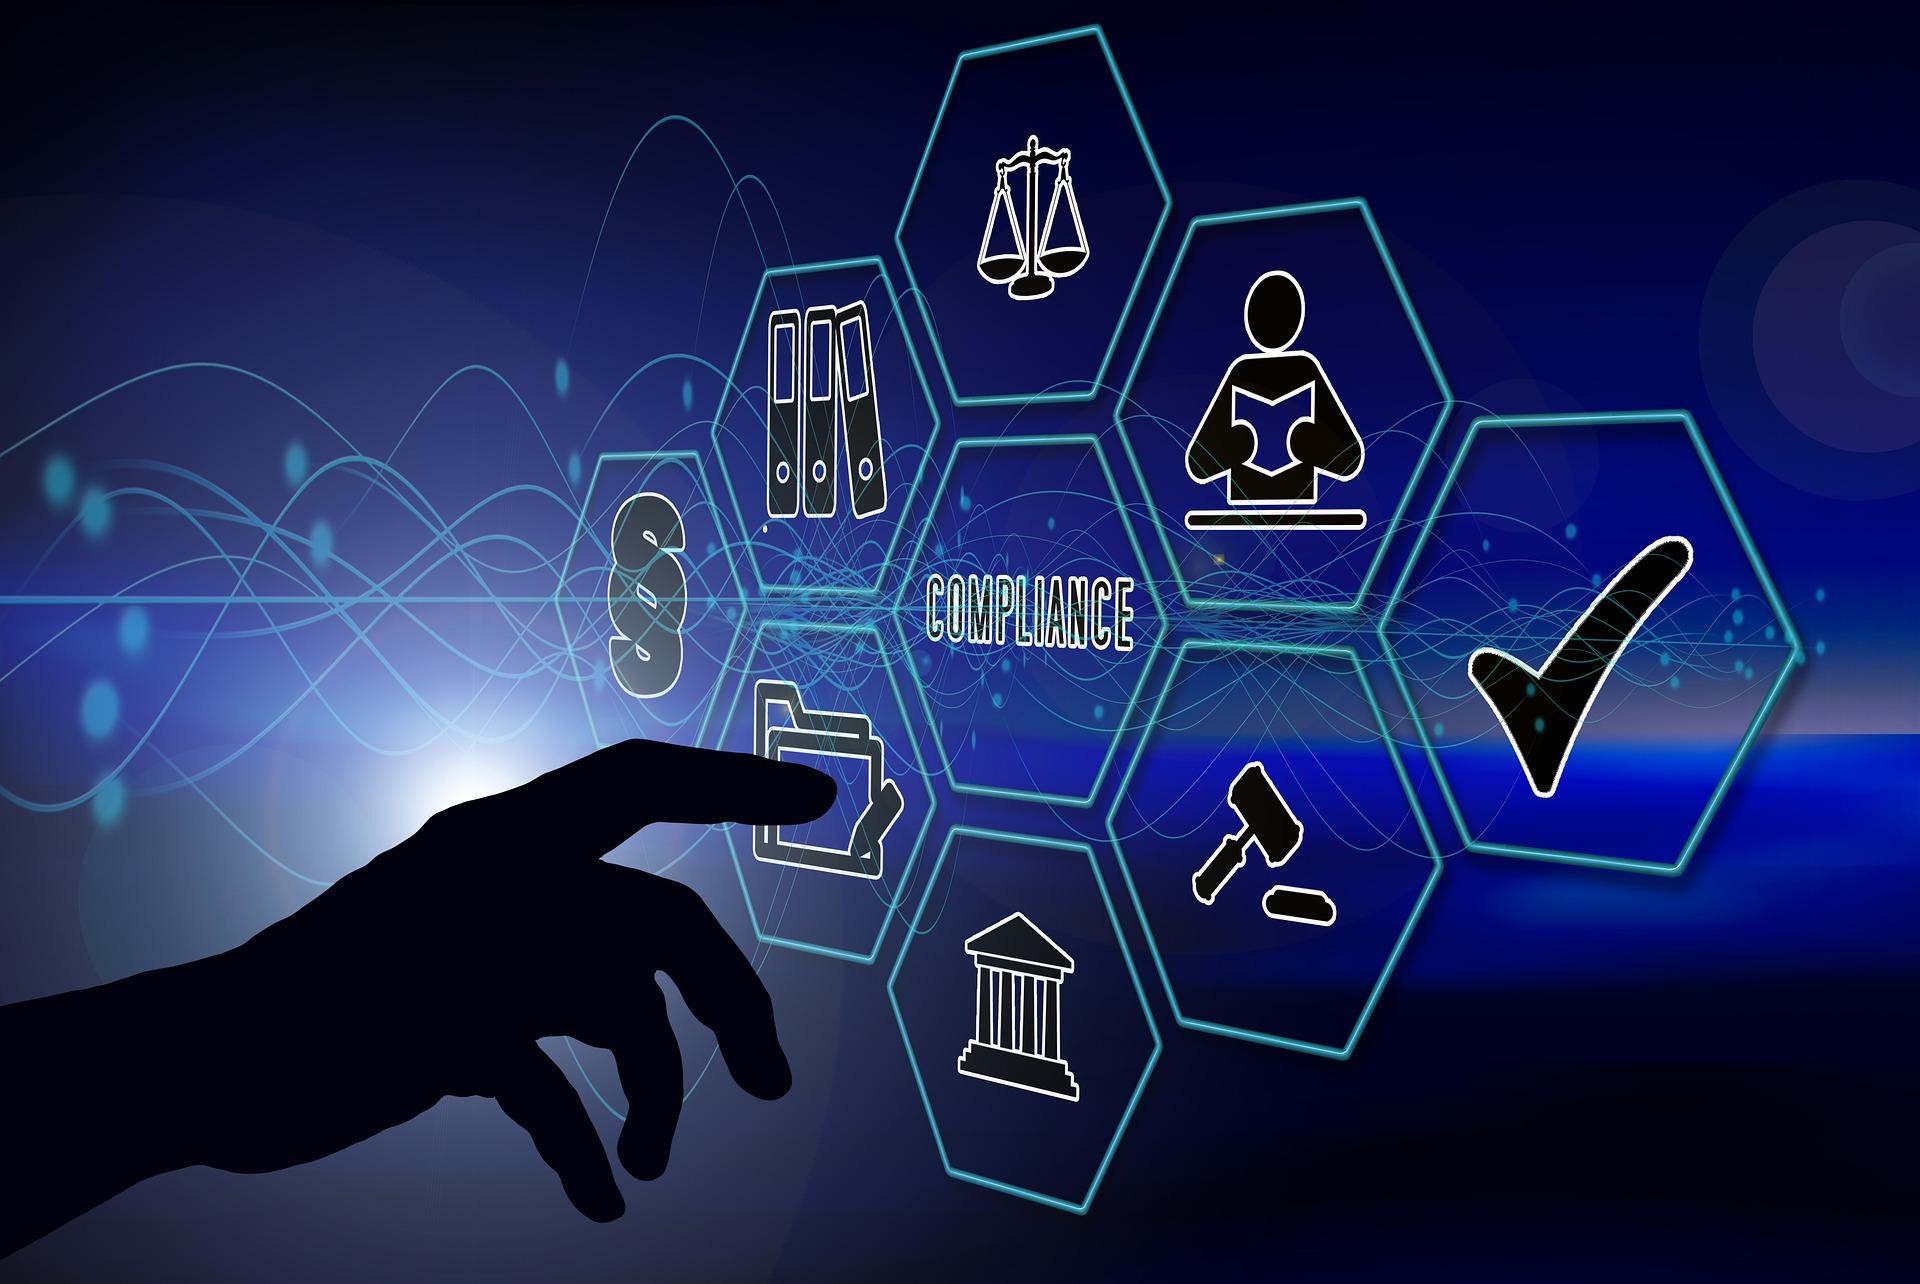 ¿En qué consiste el Diagnóstico Compliance gratuito de Cibernos?